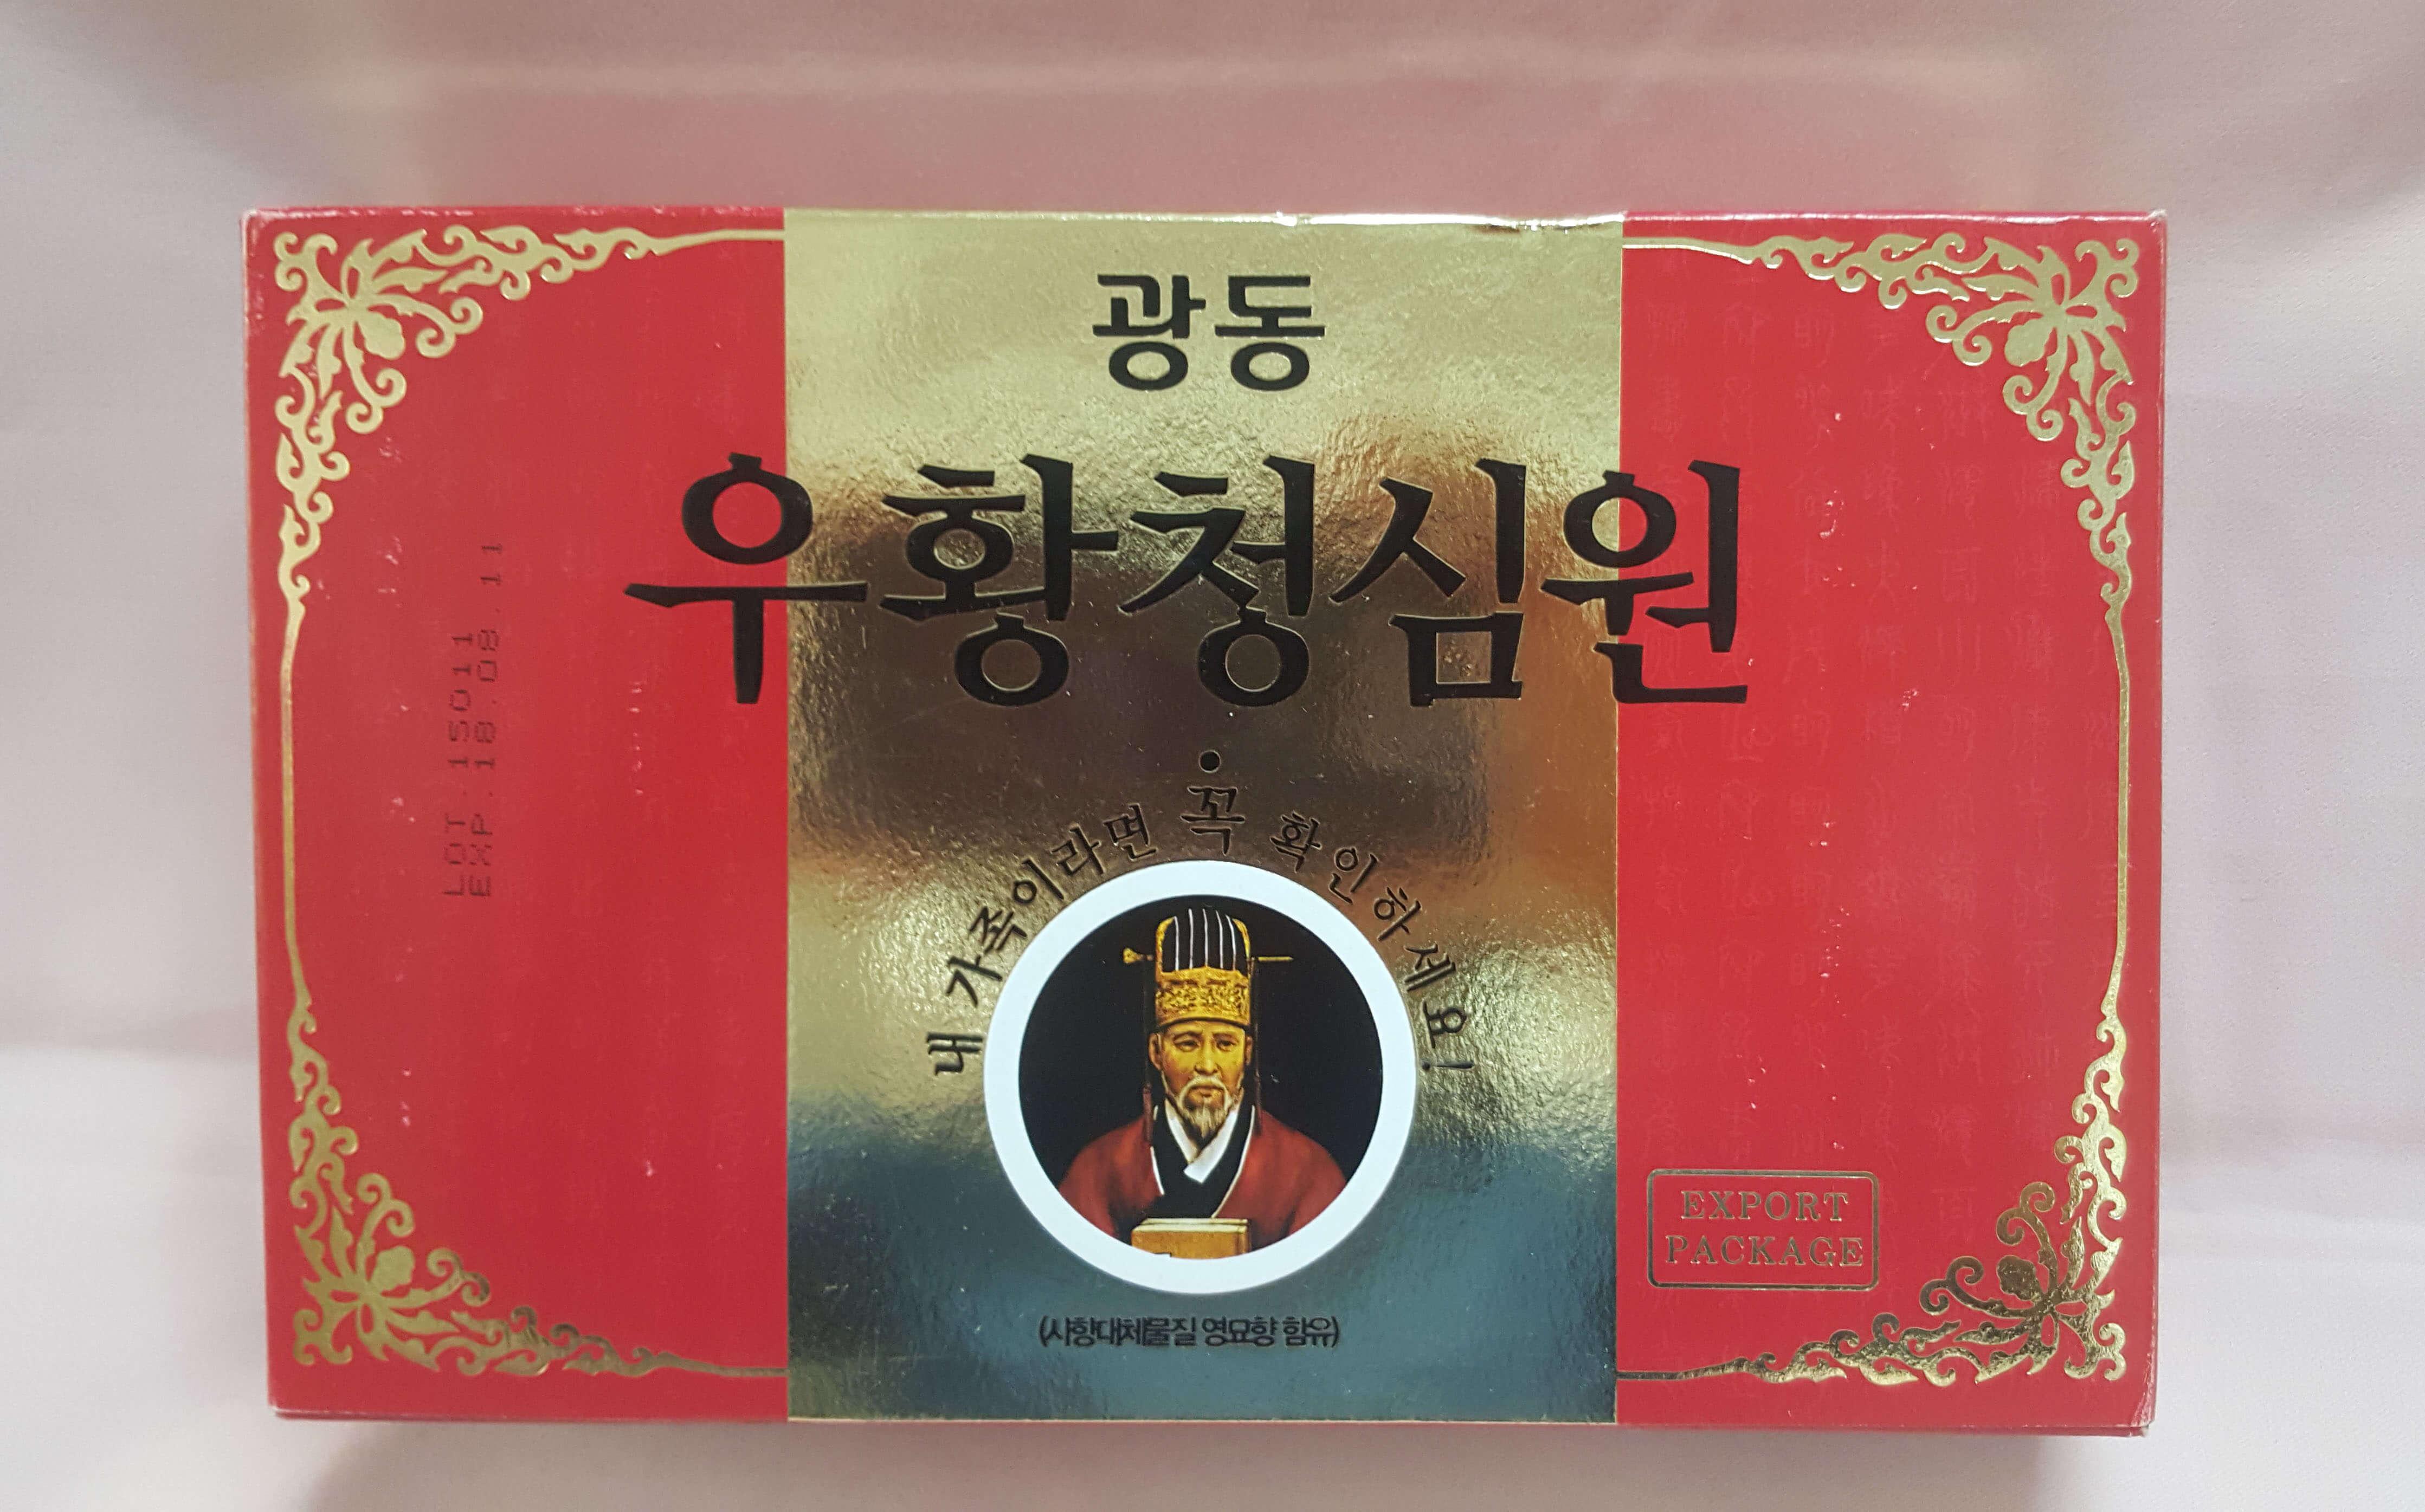 Vũ Hoàng Thanh Tâm - An Cung Ngưu Hoàng Hàn Quốc nhập khẩu